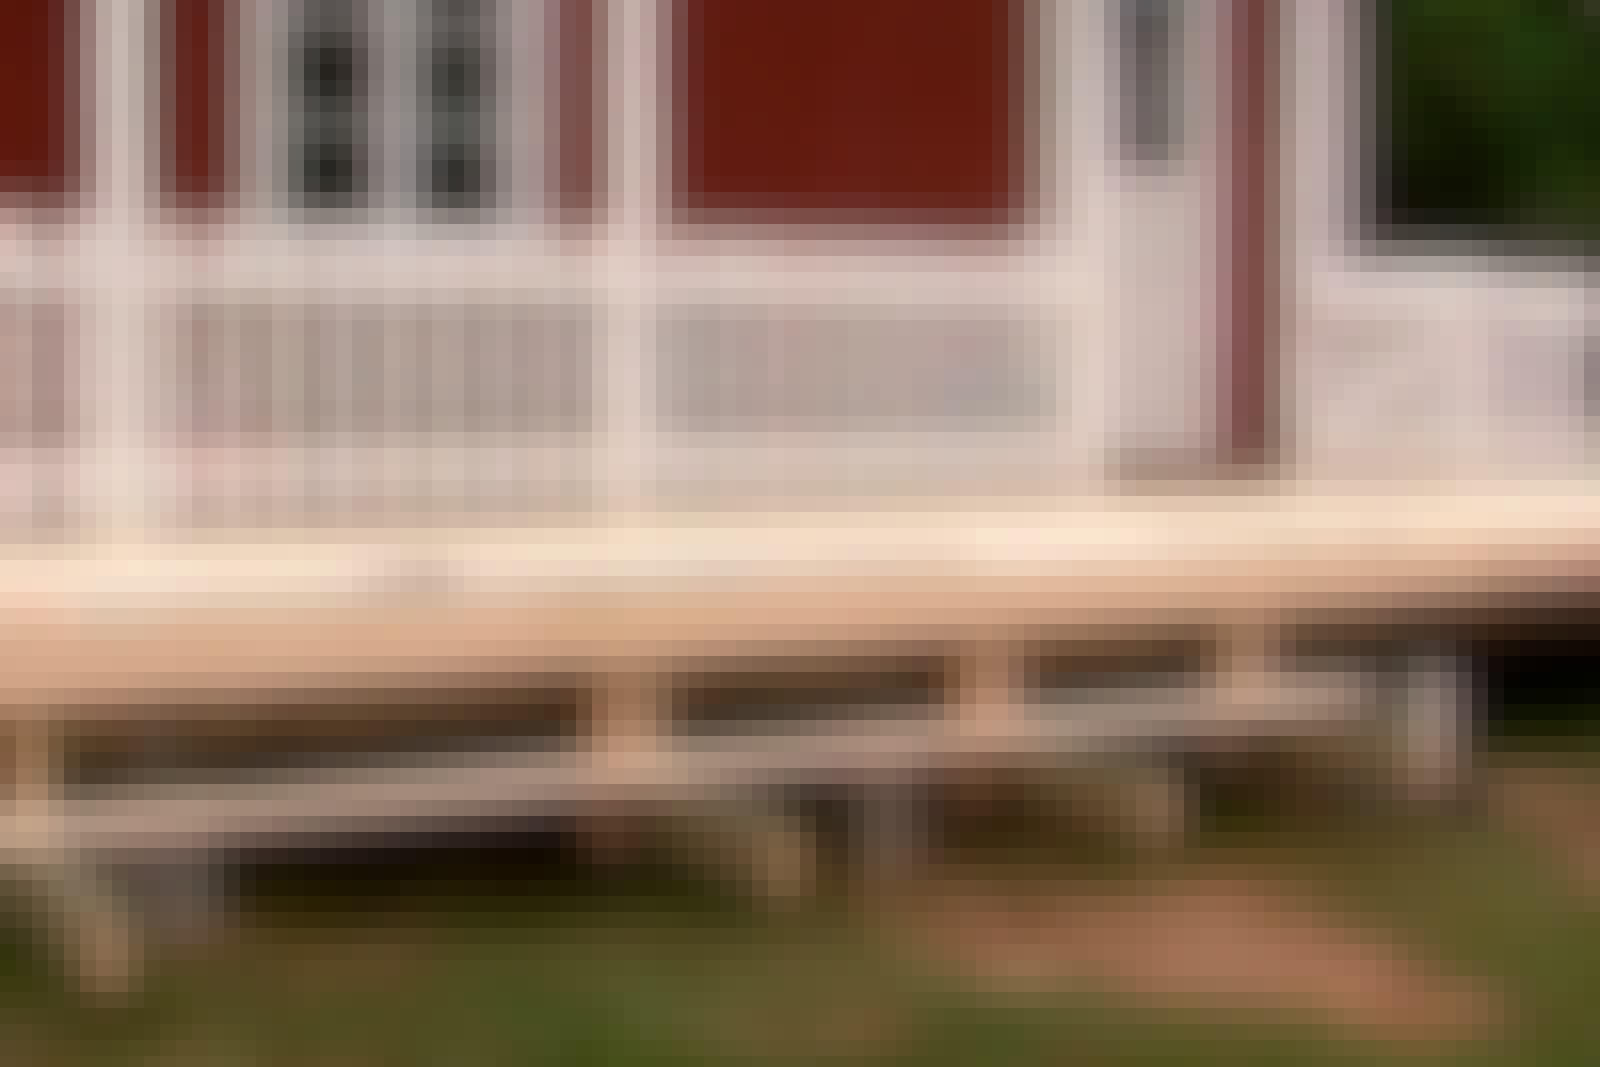 Rækværk til terrasse af træ: En af de mest almindelige måder, er at bygge rækværket op af lodrette stolper, kalder balustre.